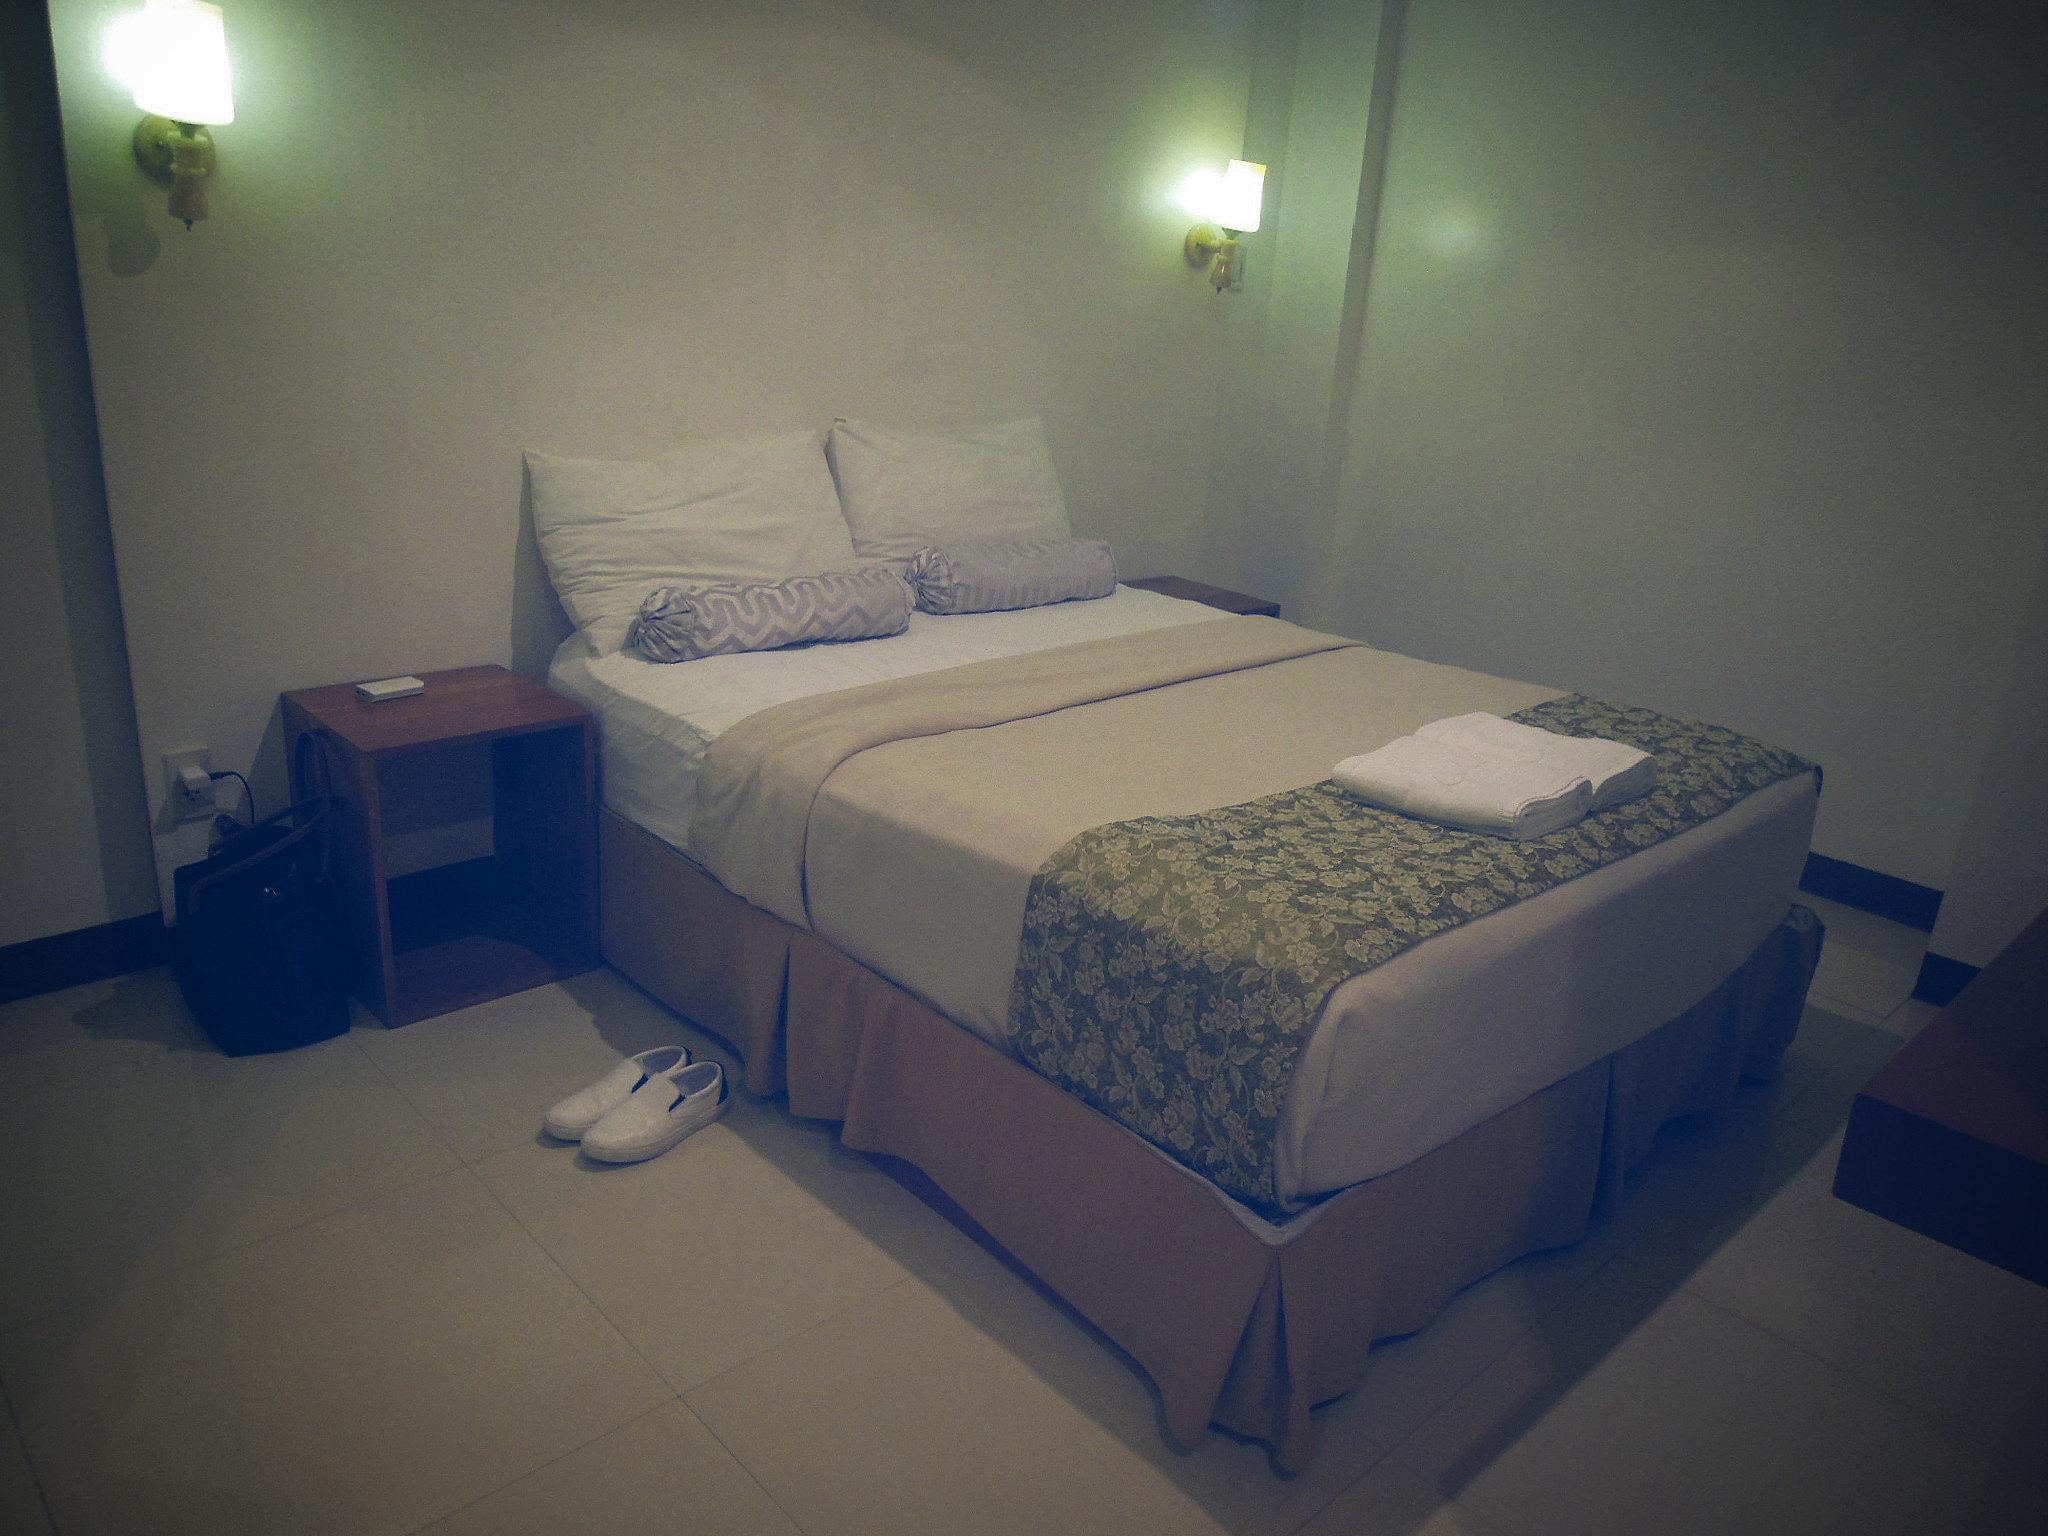 Sur-Boracay-bed